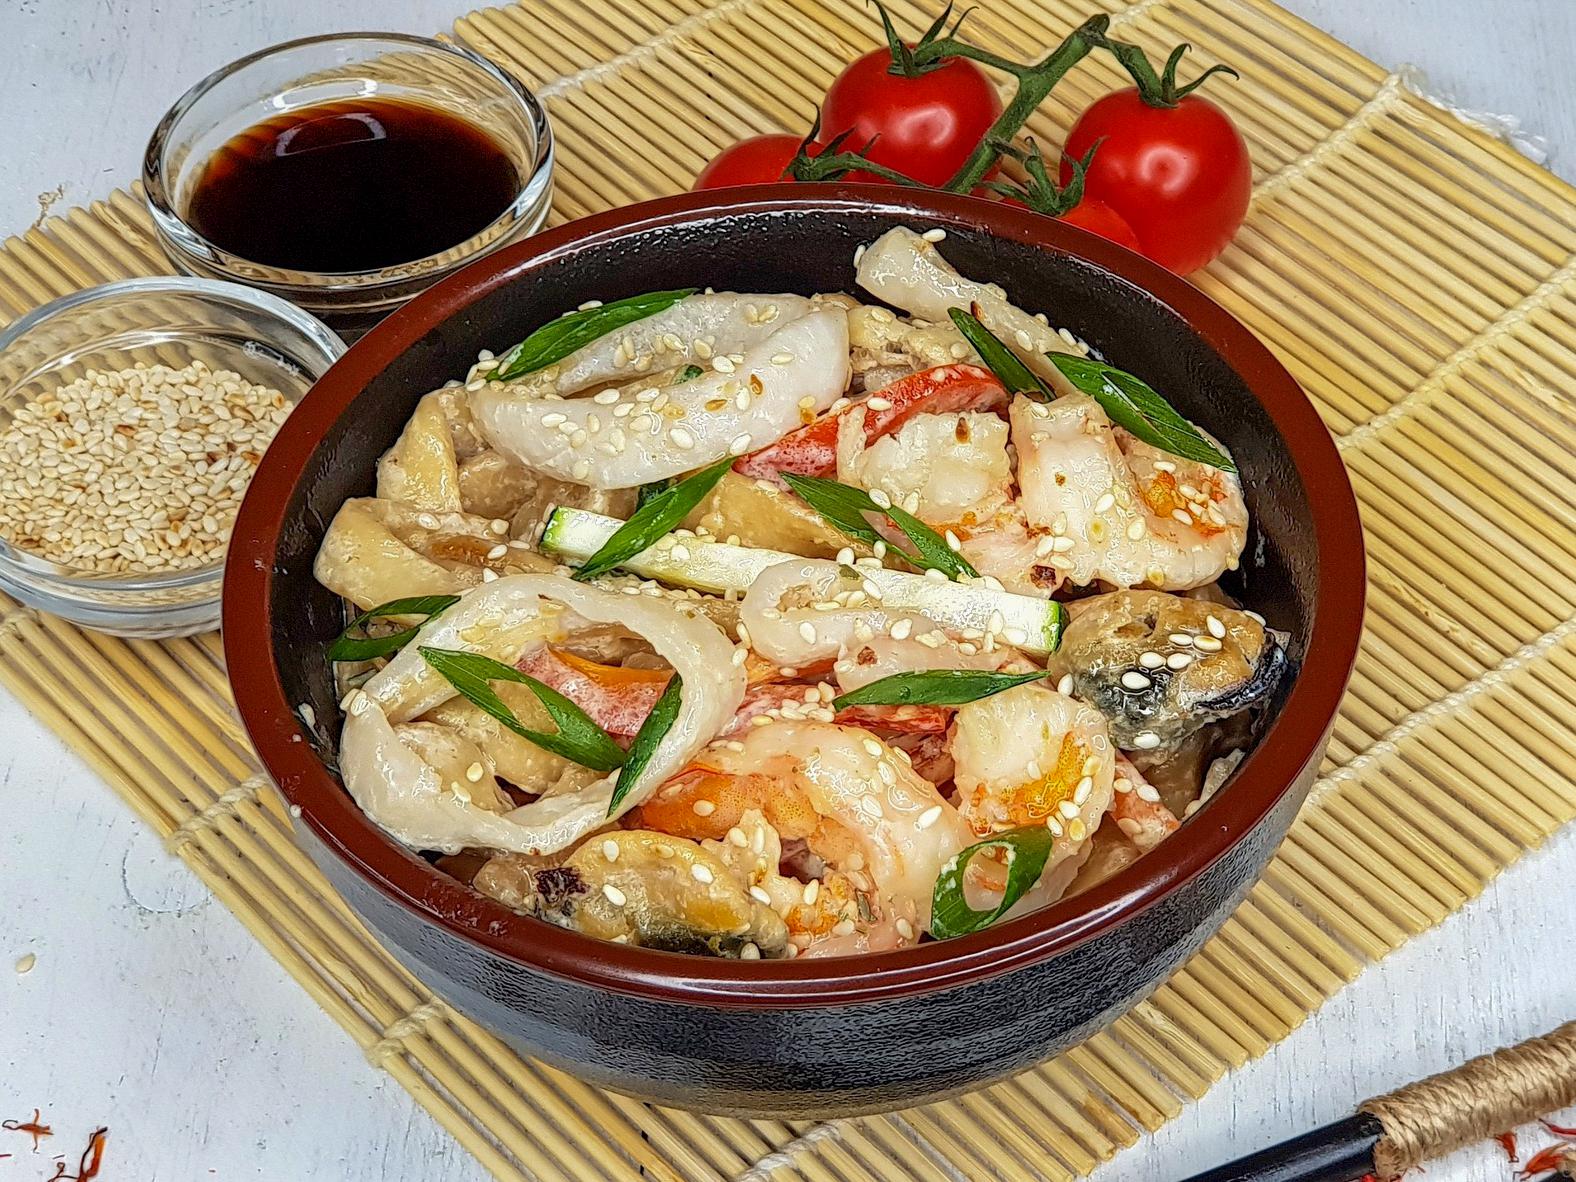 Вок с морепродуктами и домашней лапшой